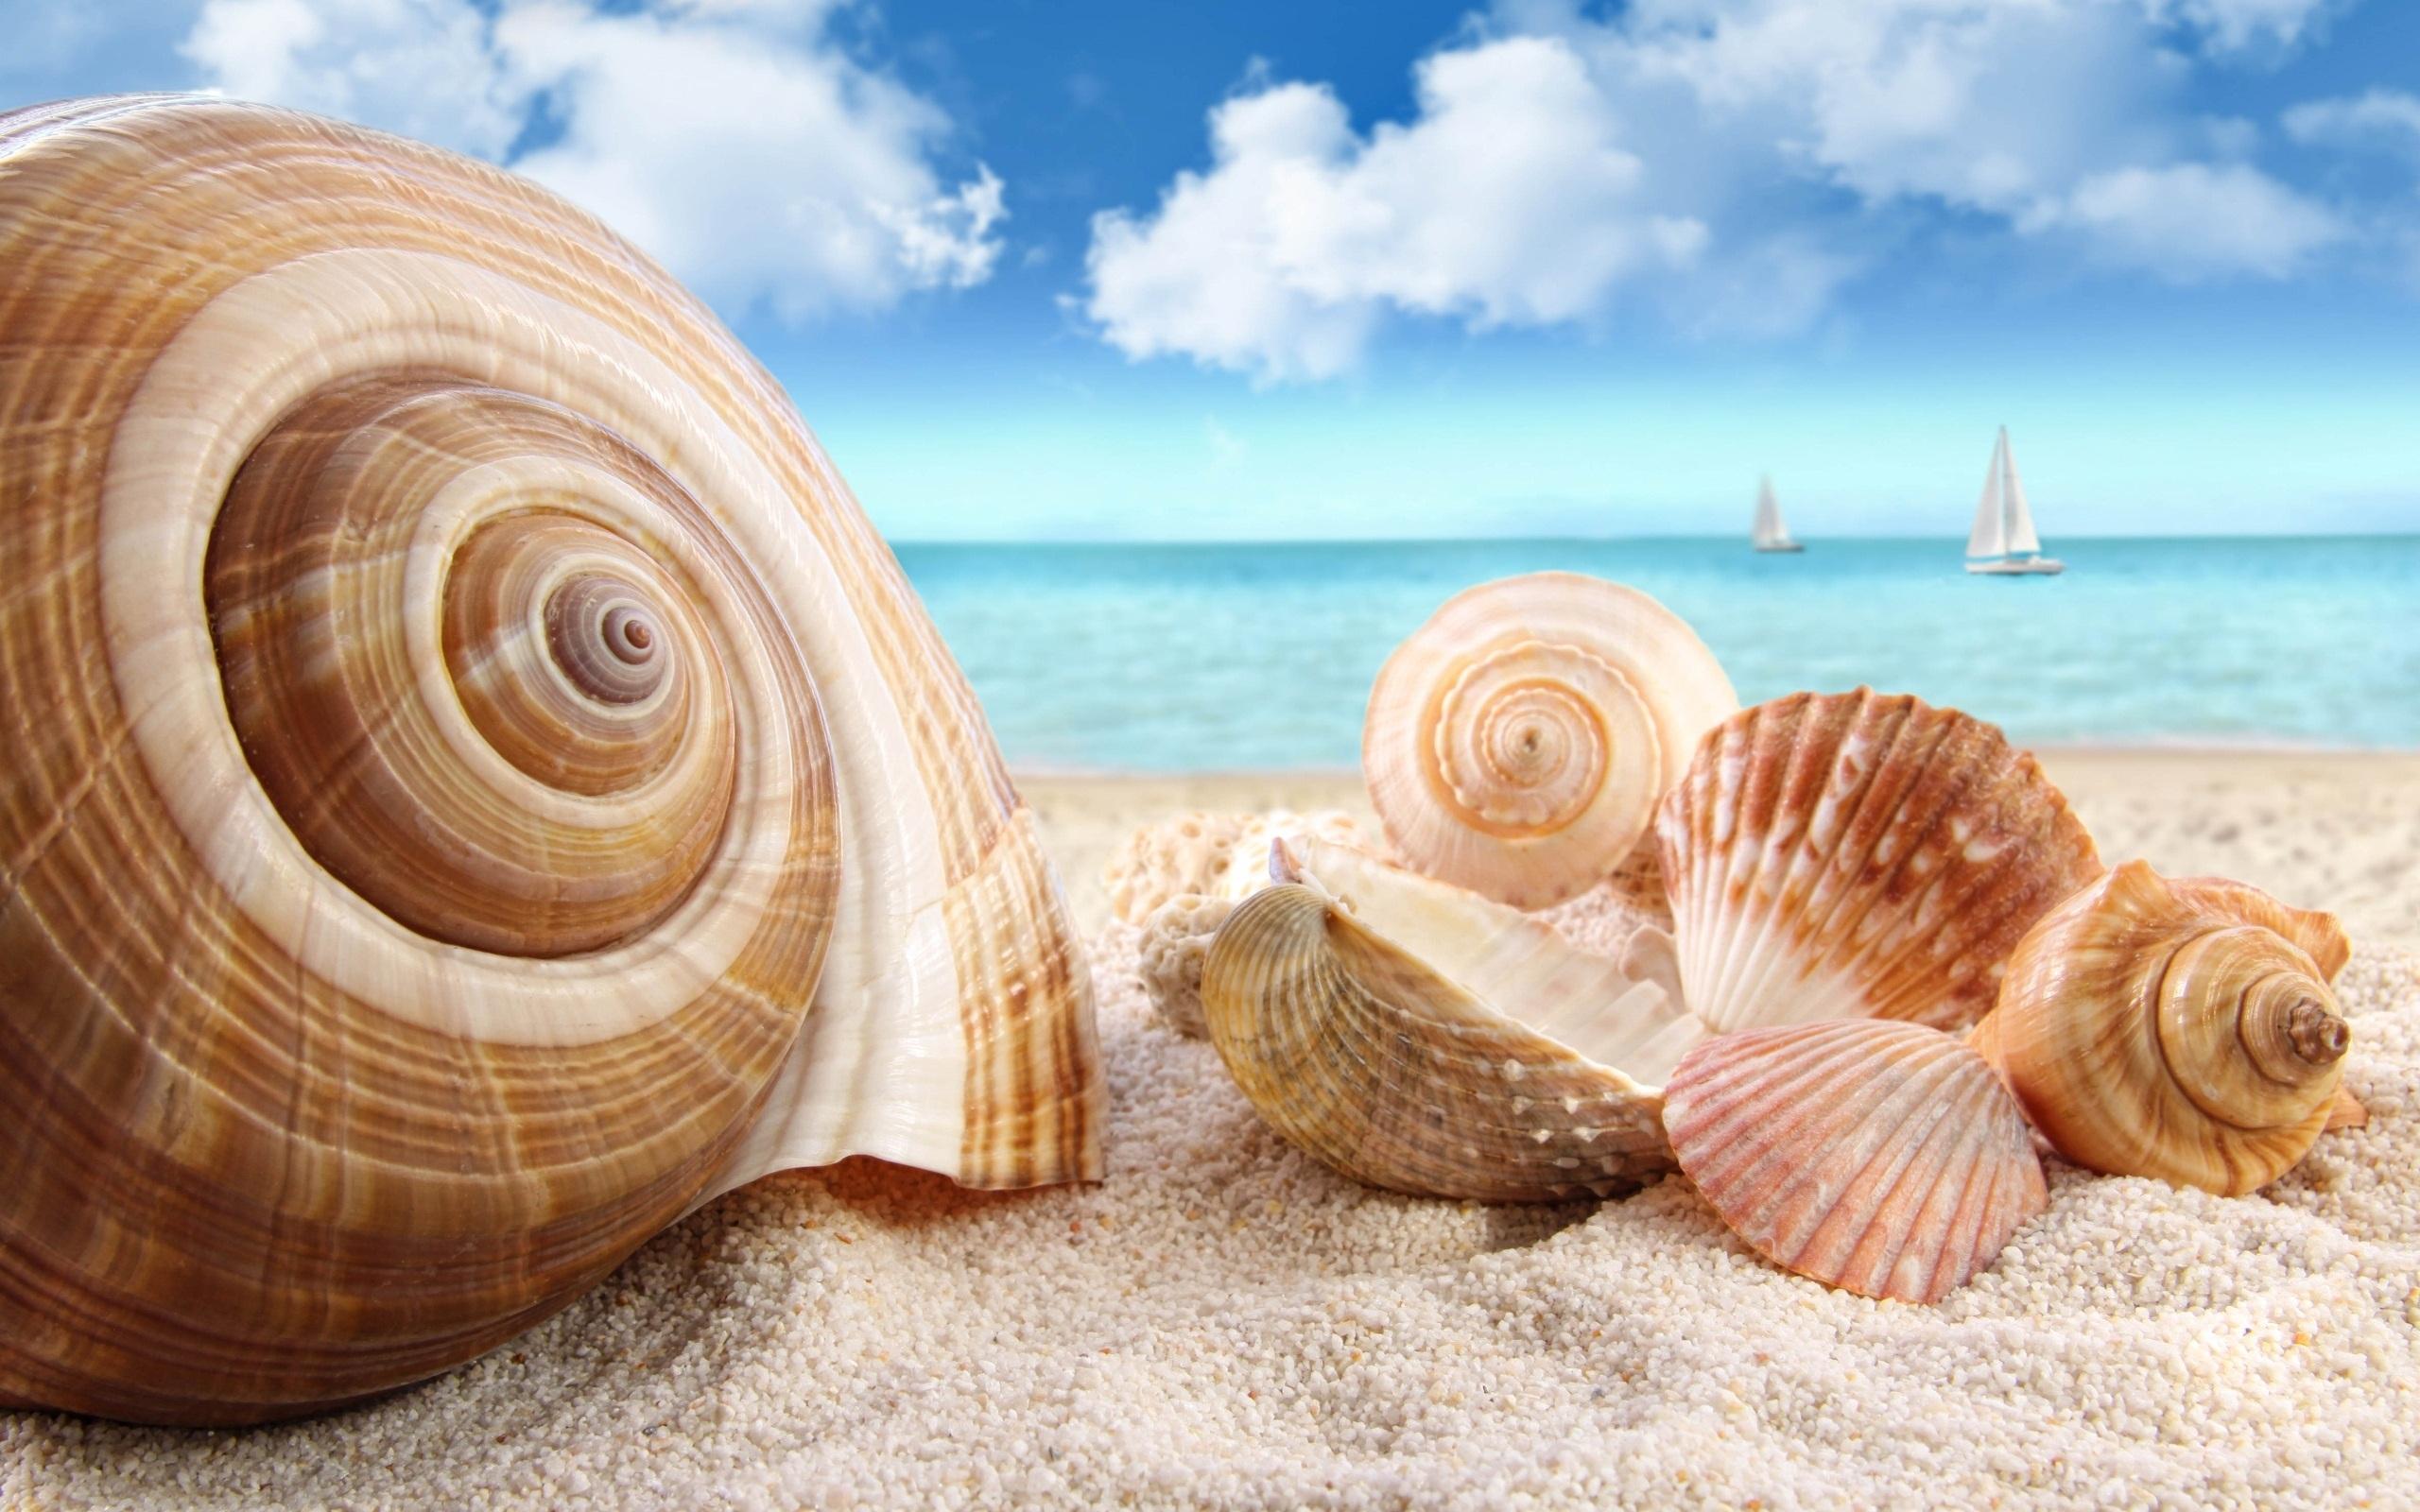 морские раковины, скачать фото, пляж, ракушки, песок, sand beach wallpaper